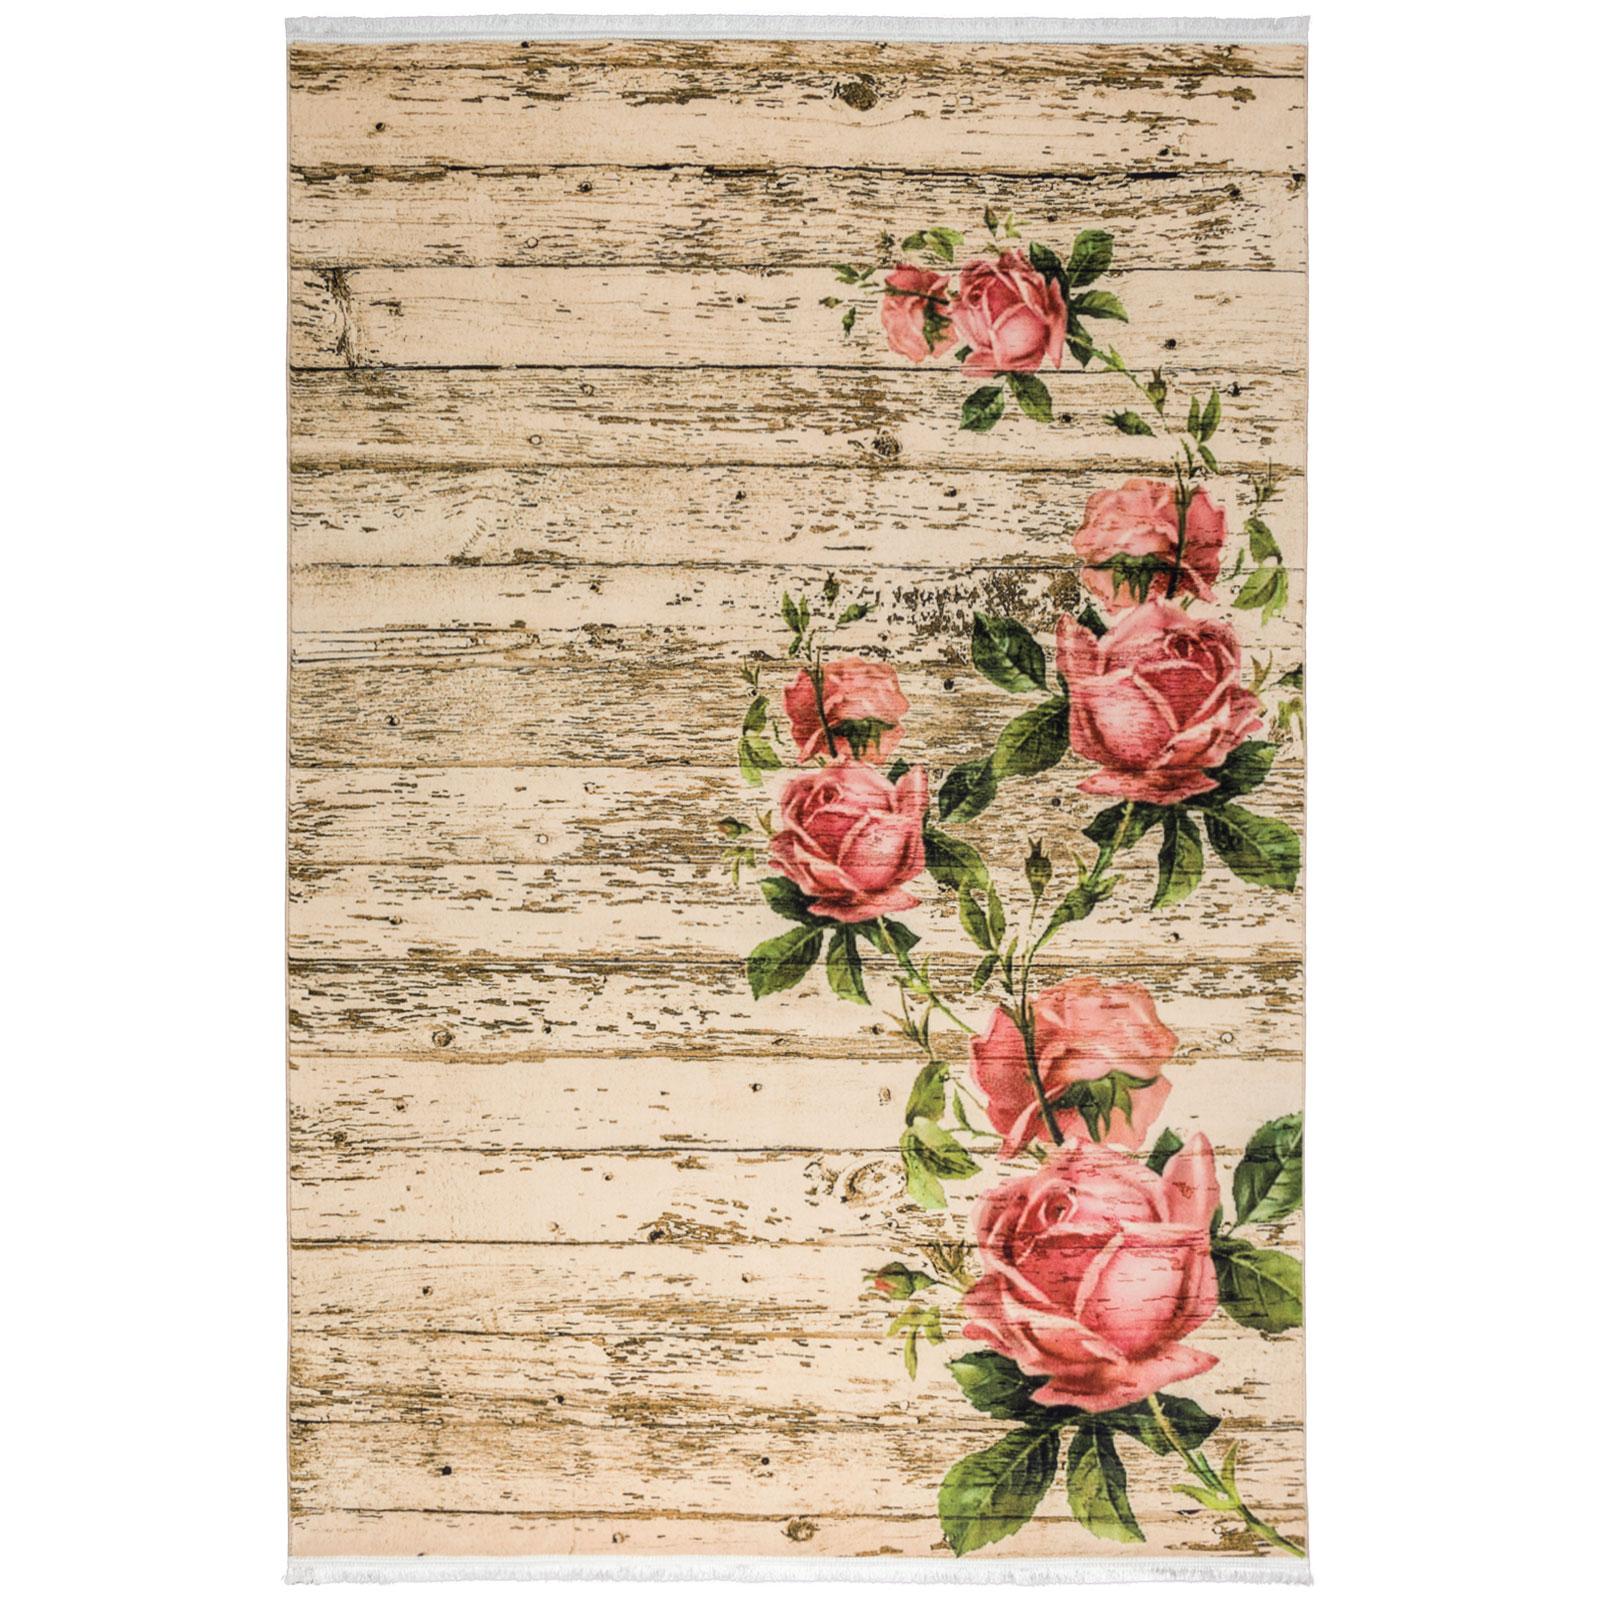 فرش ماشینی محتشم طرح گل کد 100437 زمینه بادامی